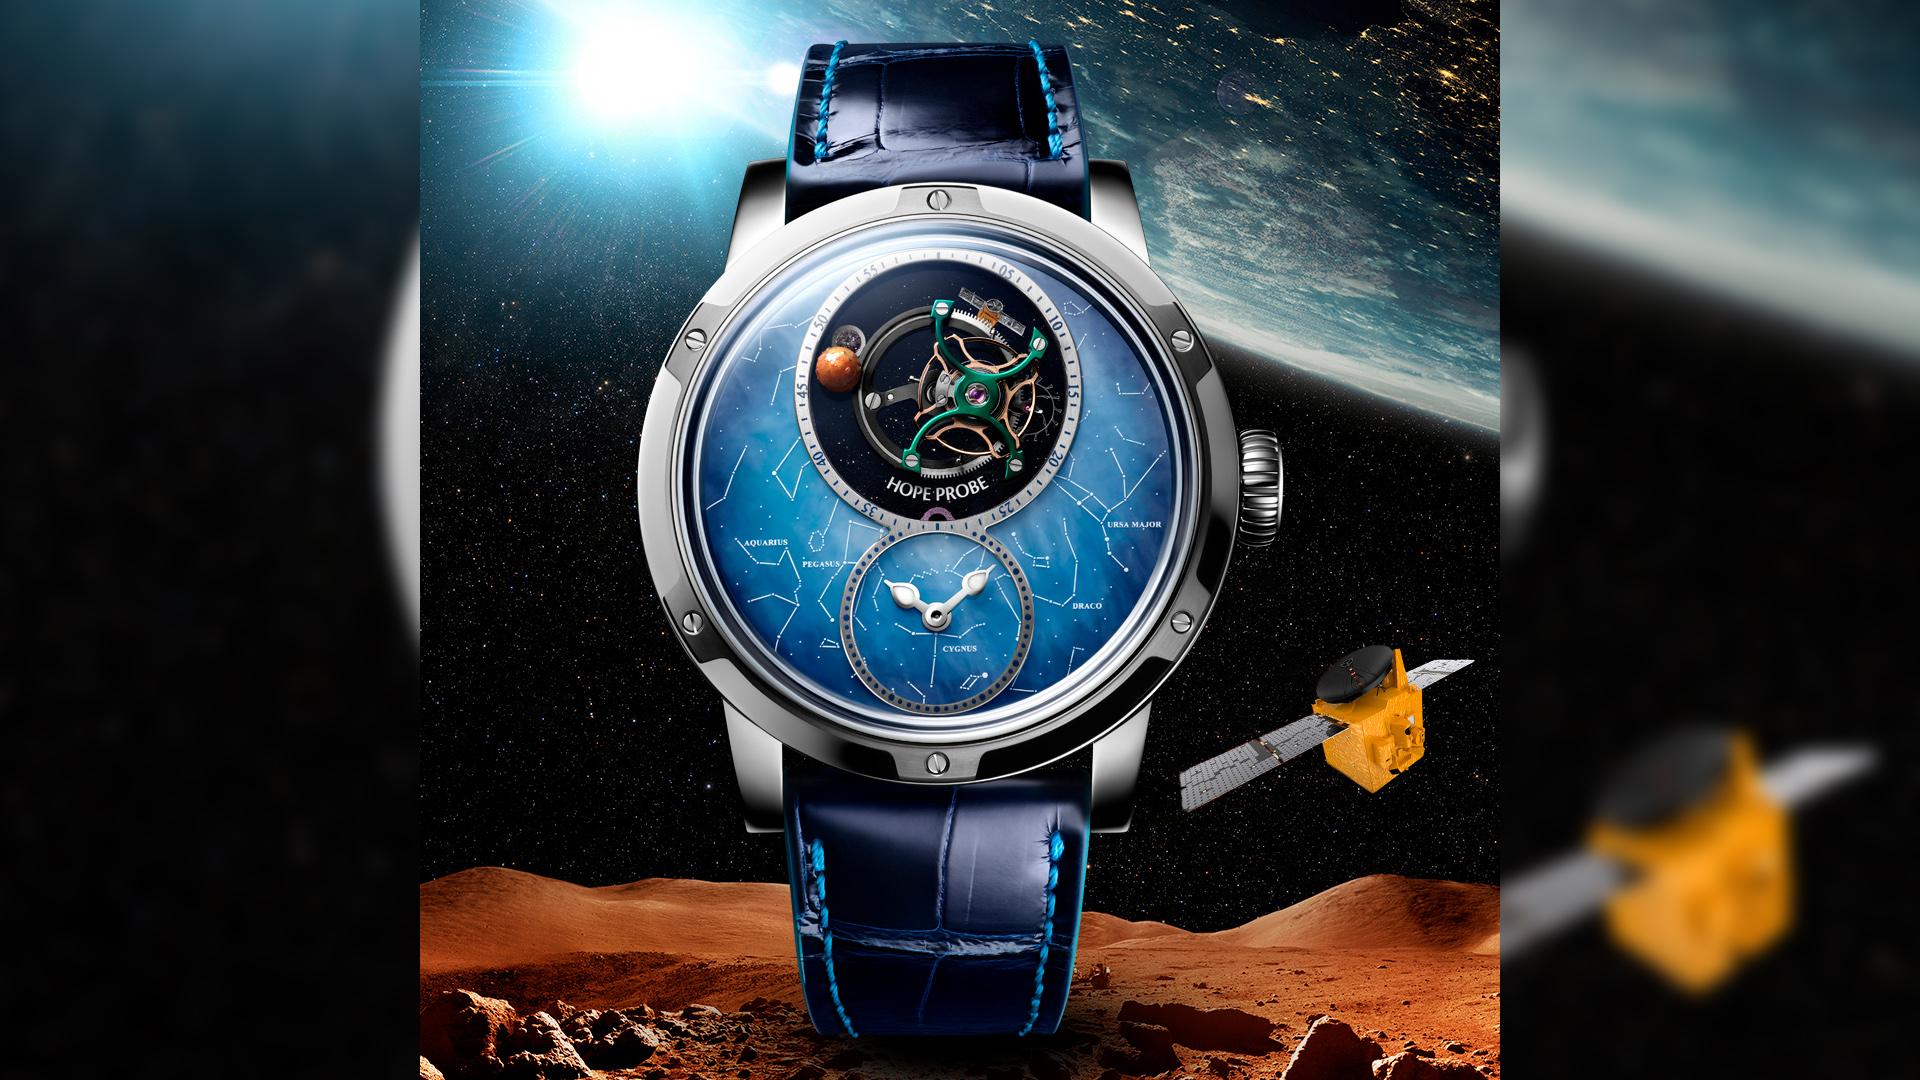 لويس موانيه تبتكر ساعة التوربيون مسبار الأمل بأجزاء أصلية من القمر والمريخ